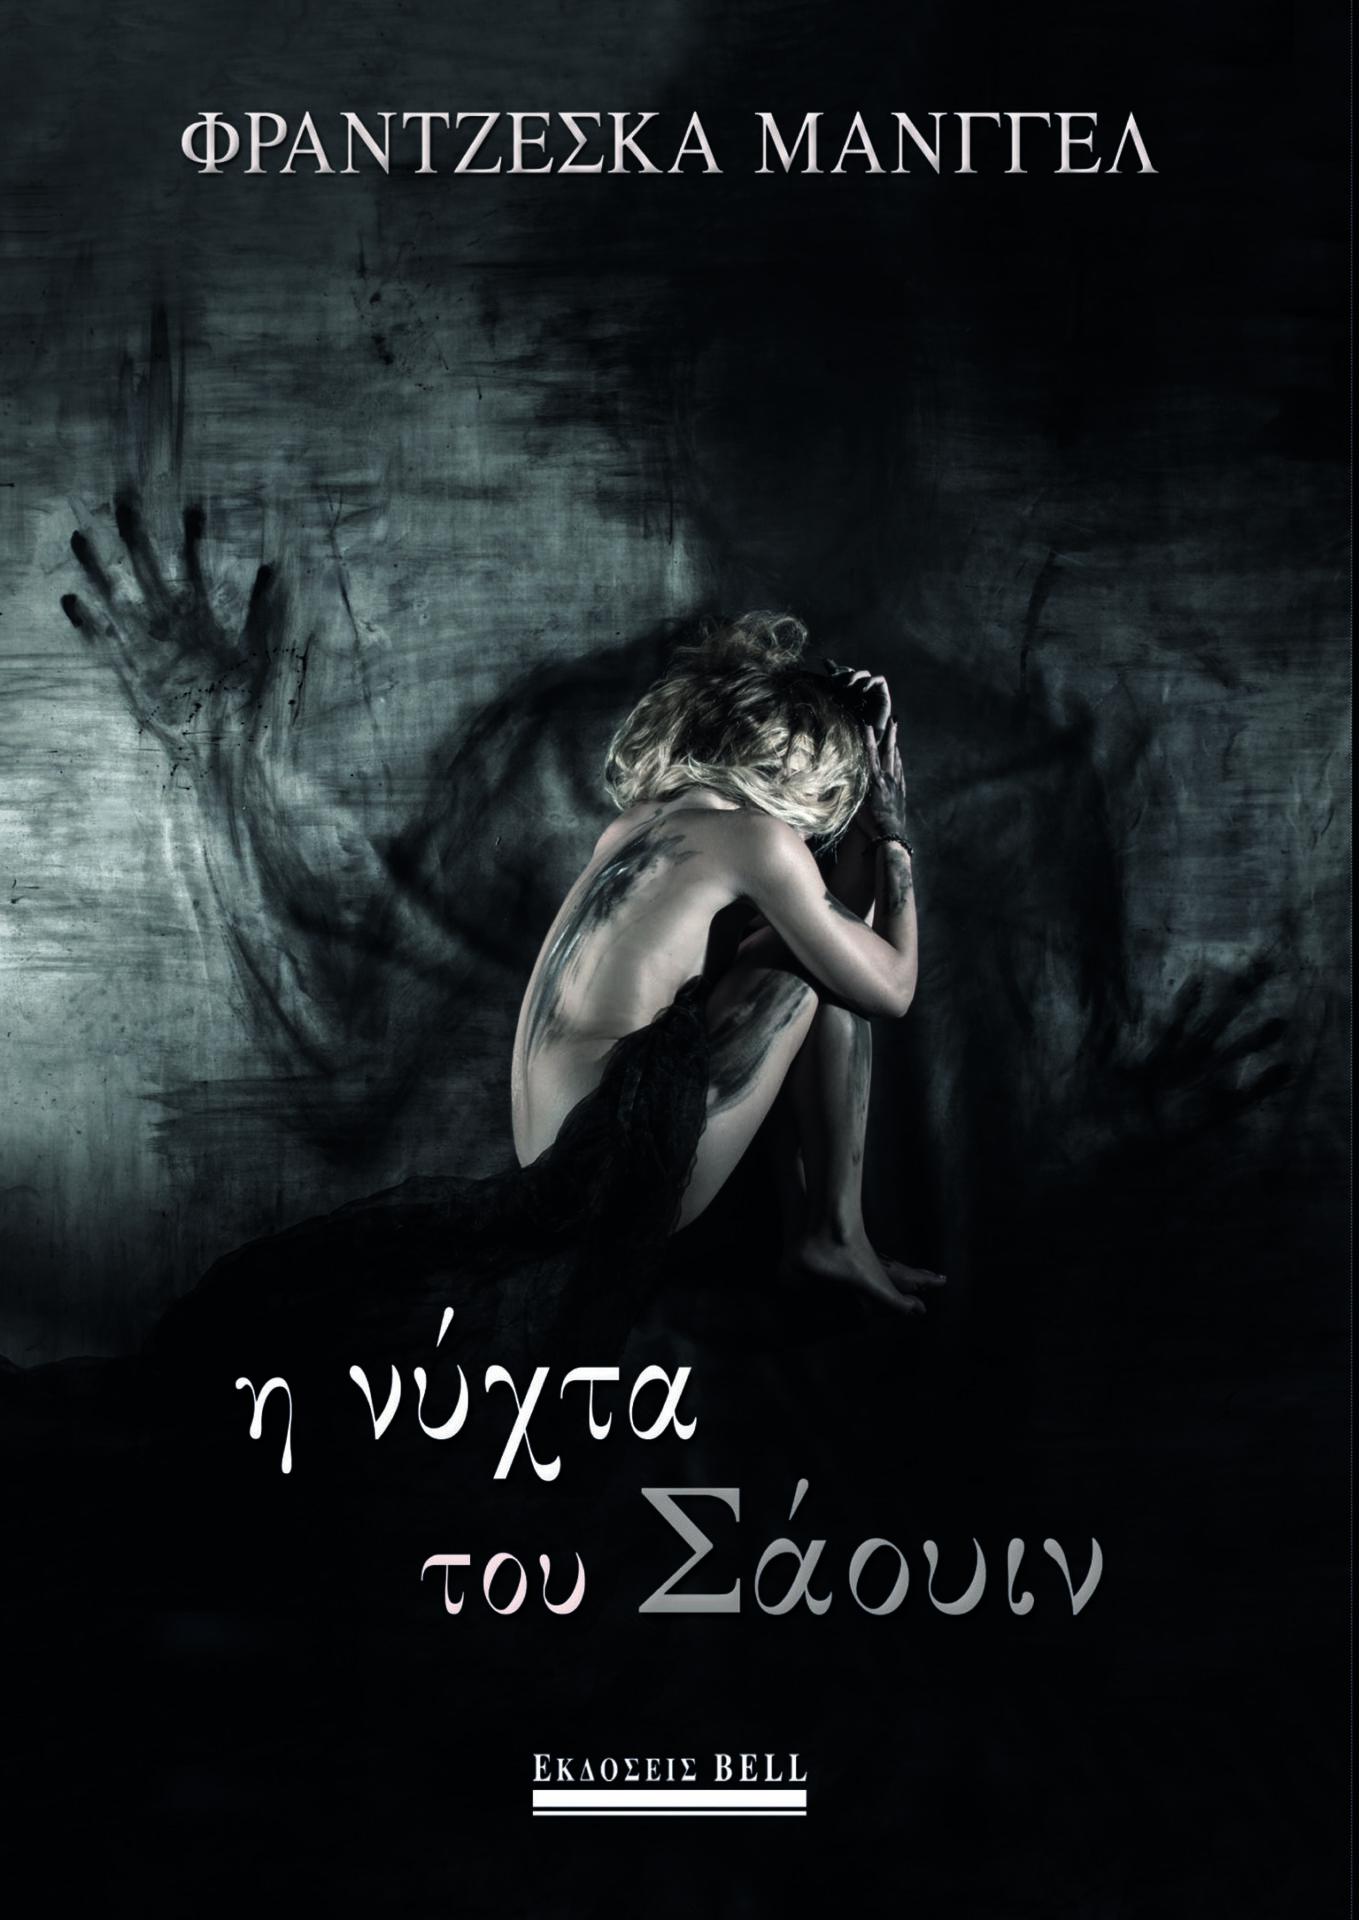 Η Νύχτα του Σάουιν, Φραντζέσκα Μάνγγελ από τις εκδόσεις Bell